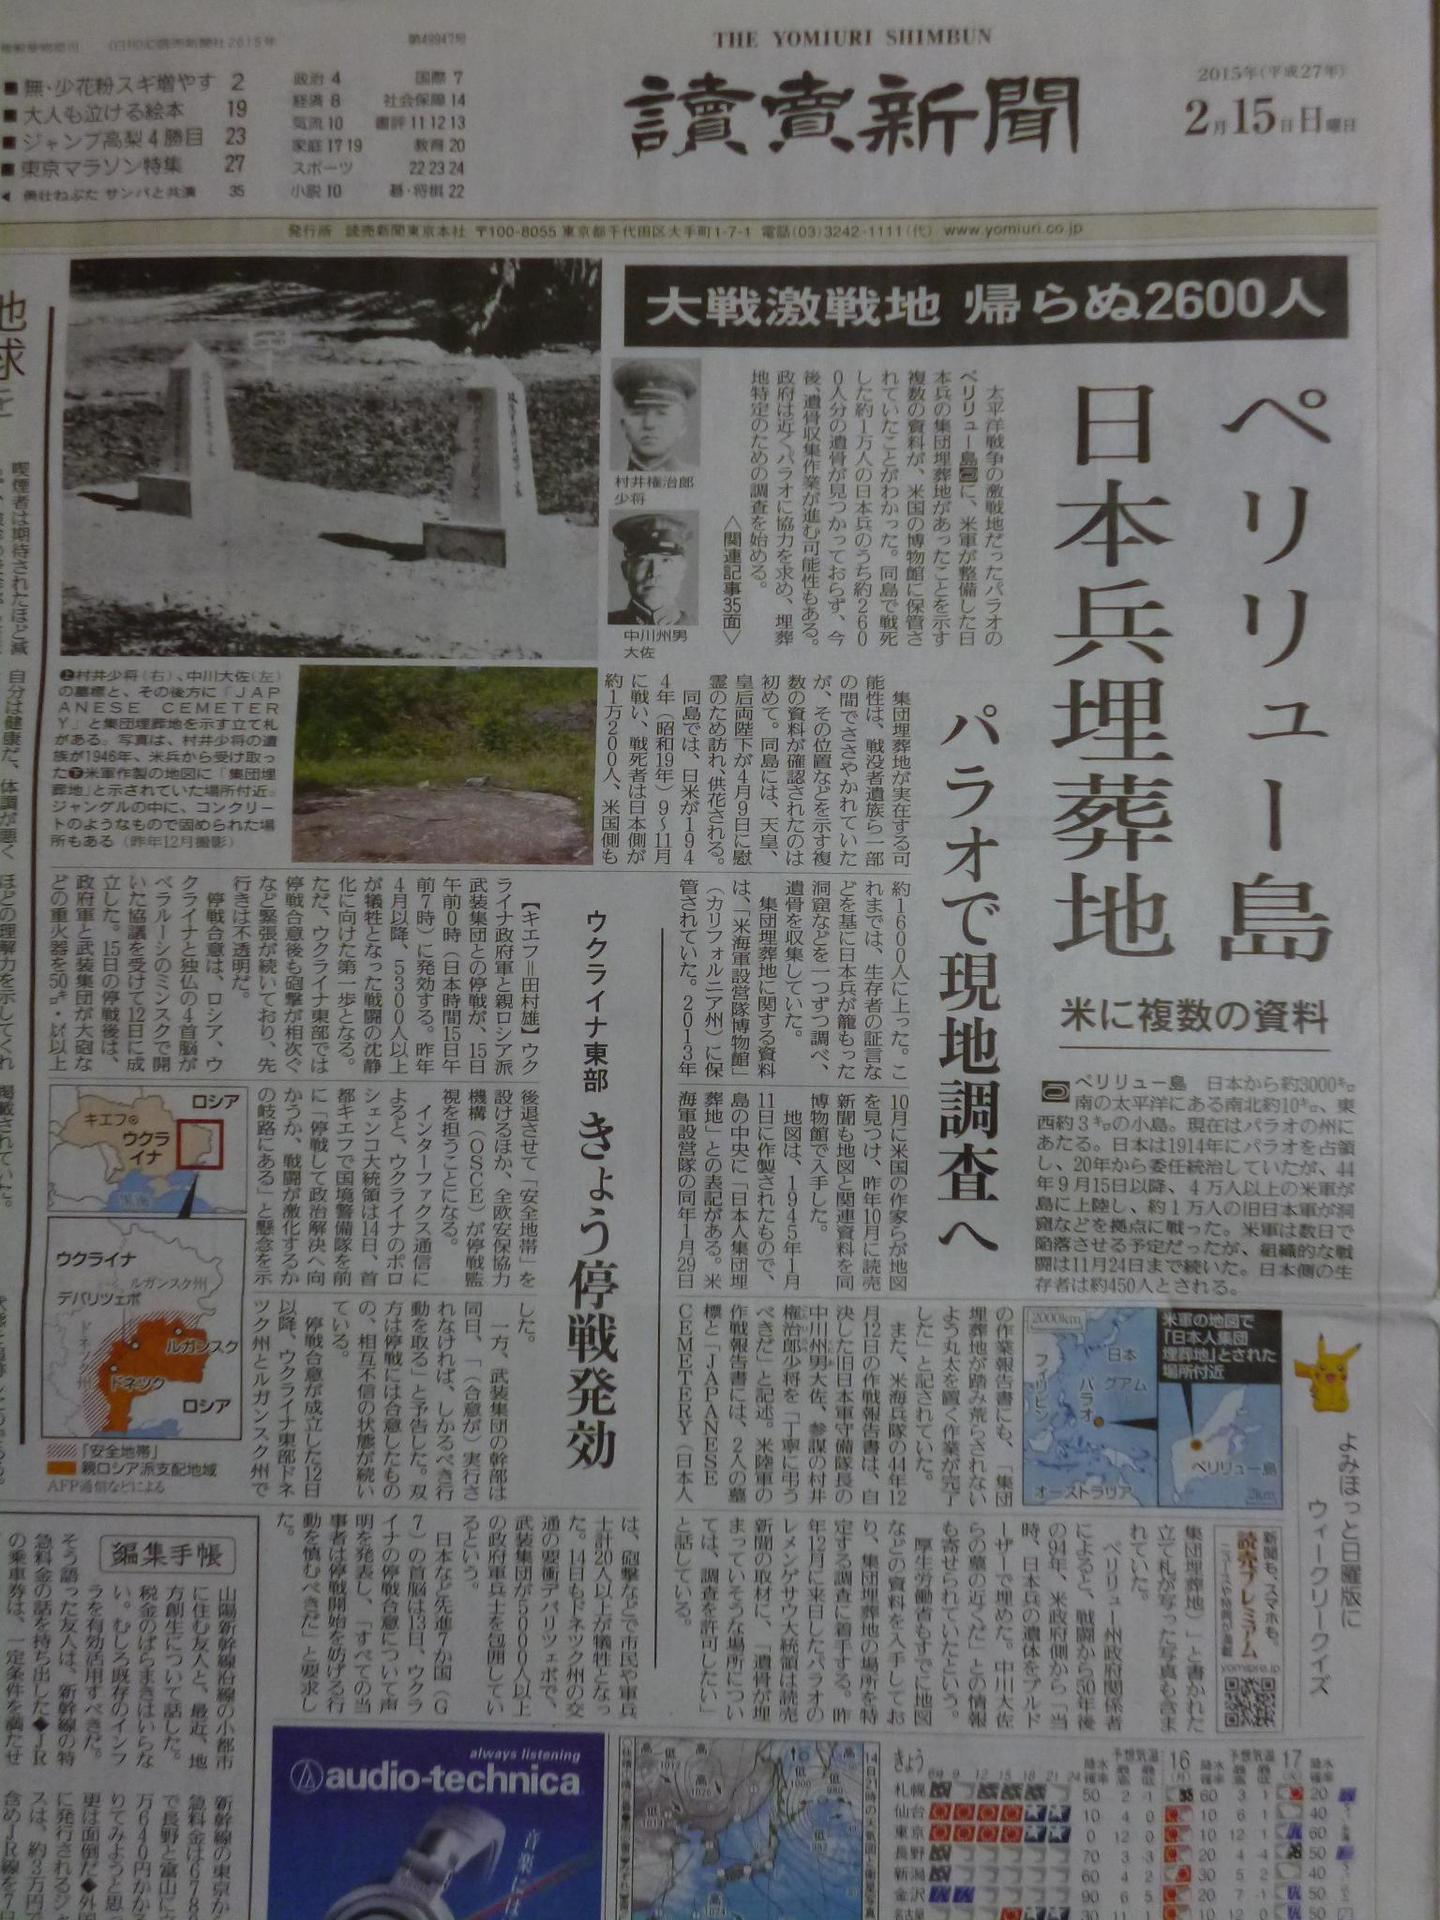 平成二十七年二月十五日の読売新聞朝刊一面記事